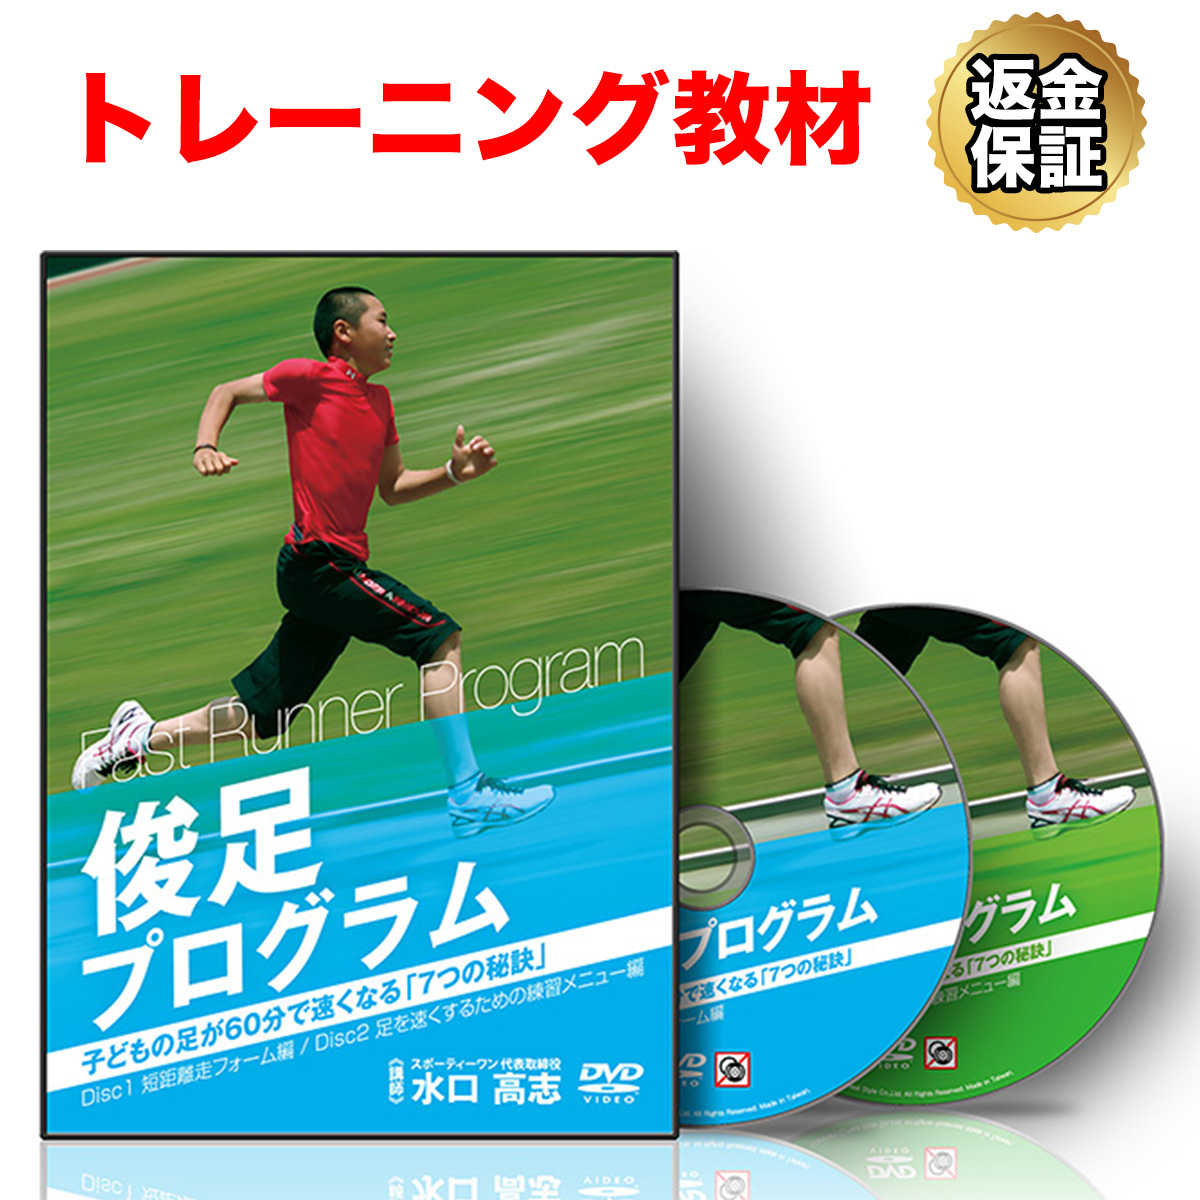 【トレーニング】俊足プログラム~子どもの足が60分で速くなる「7つの秘訣」